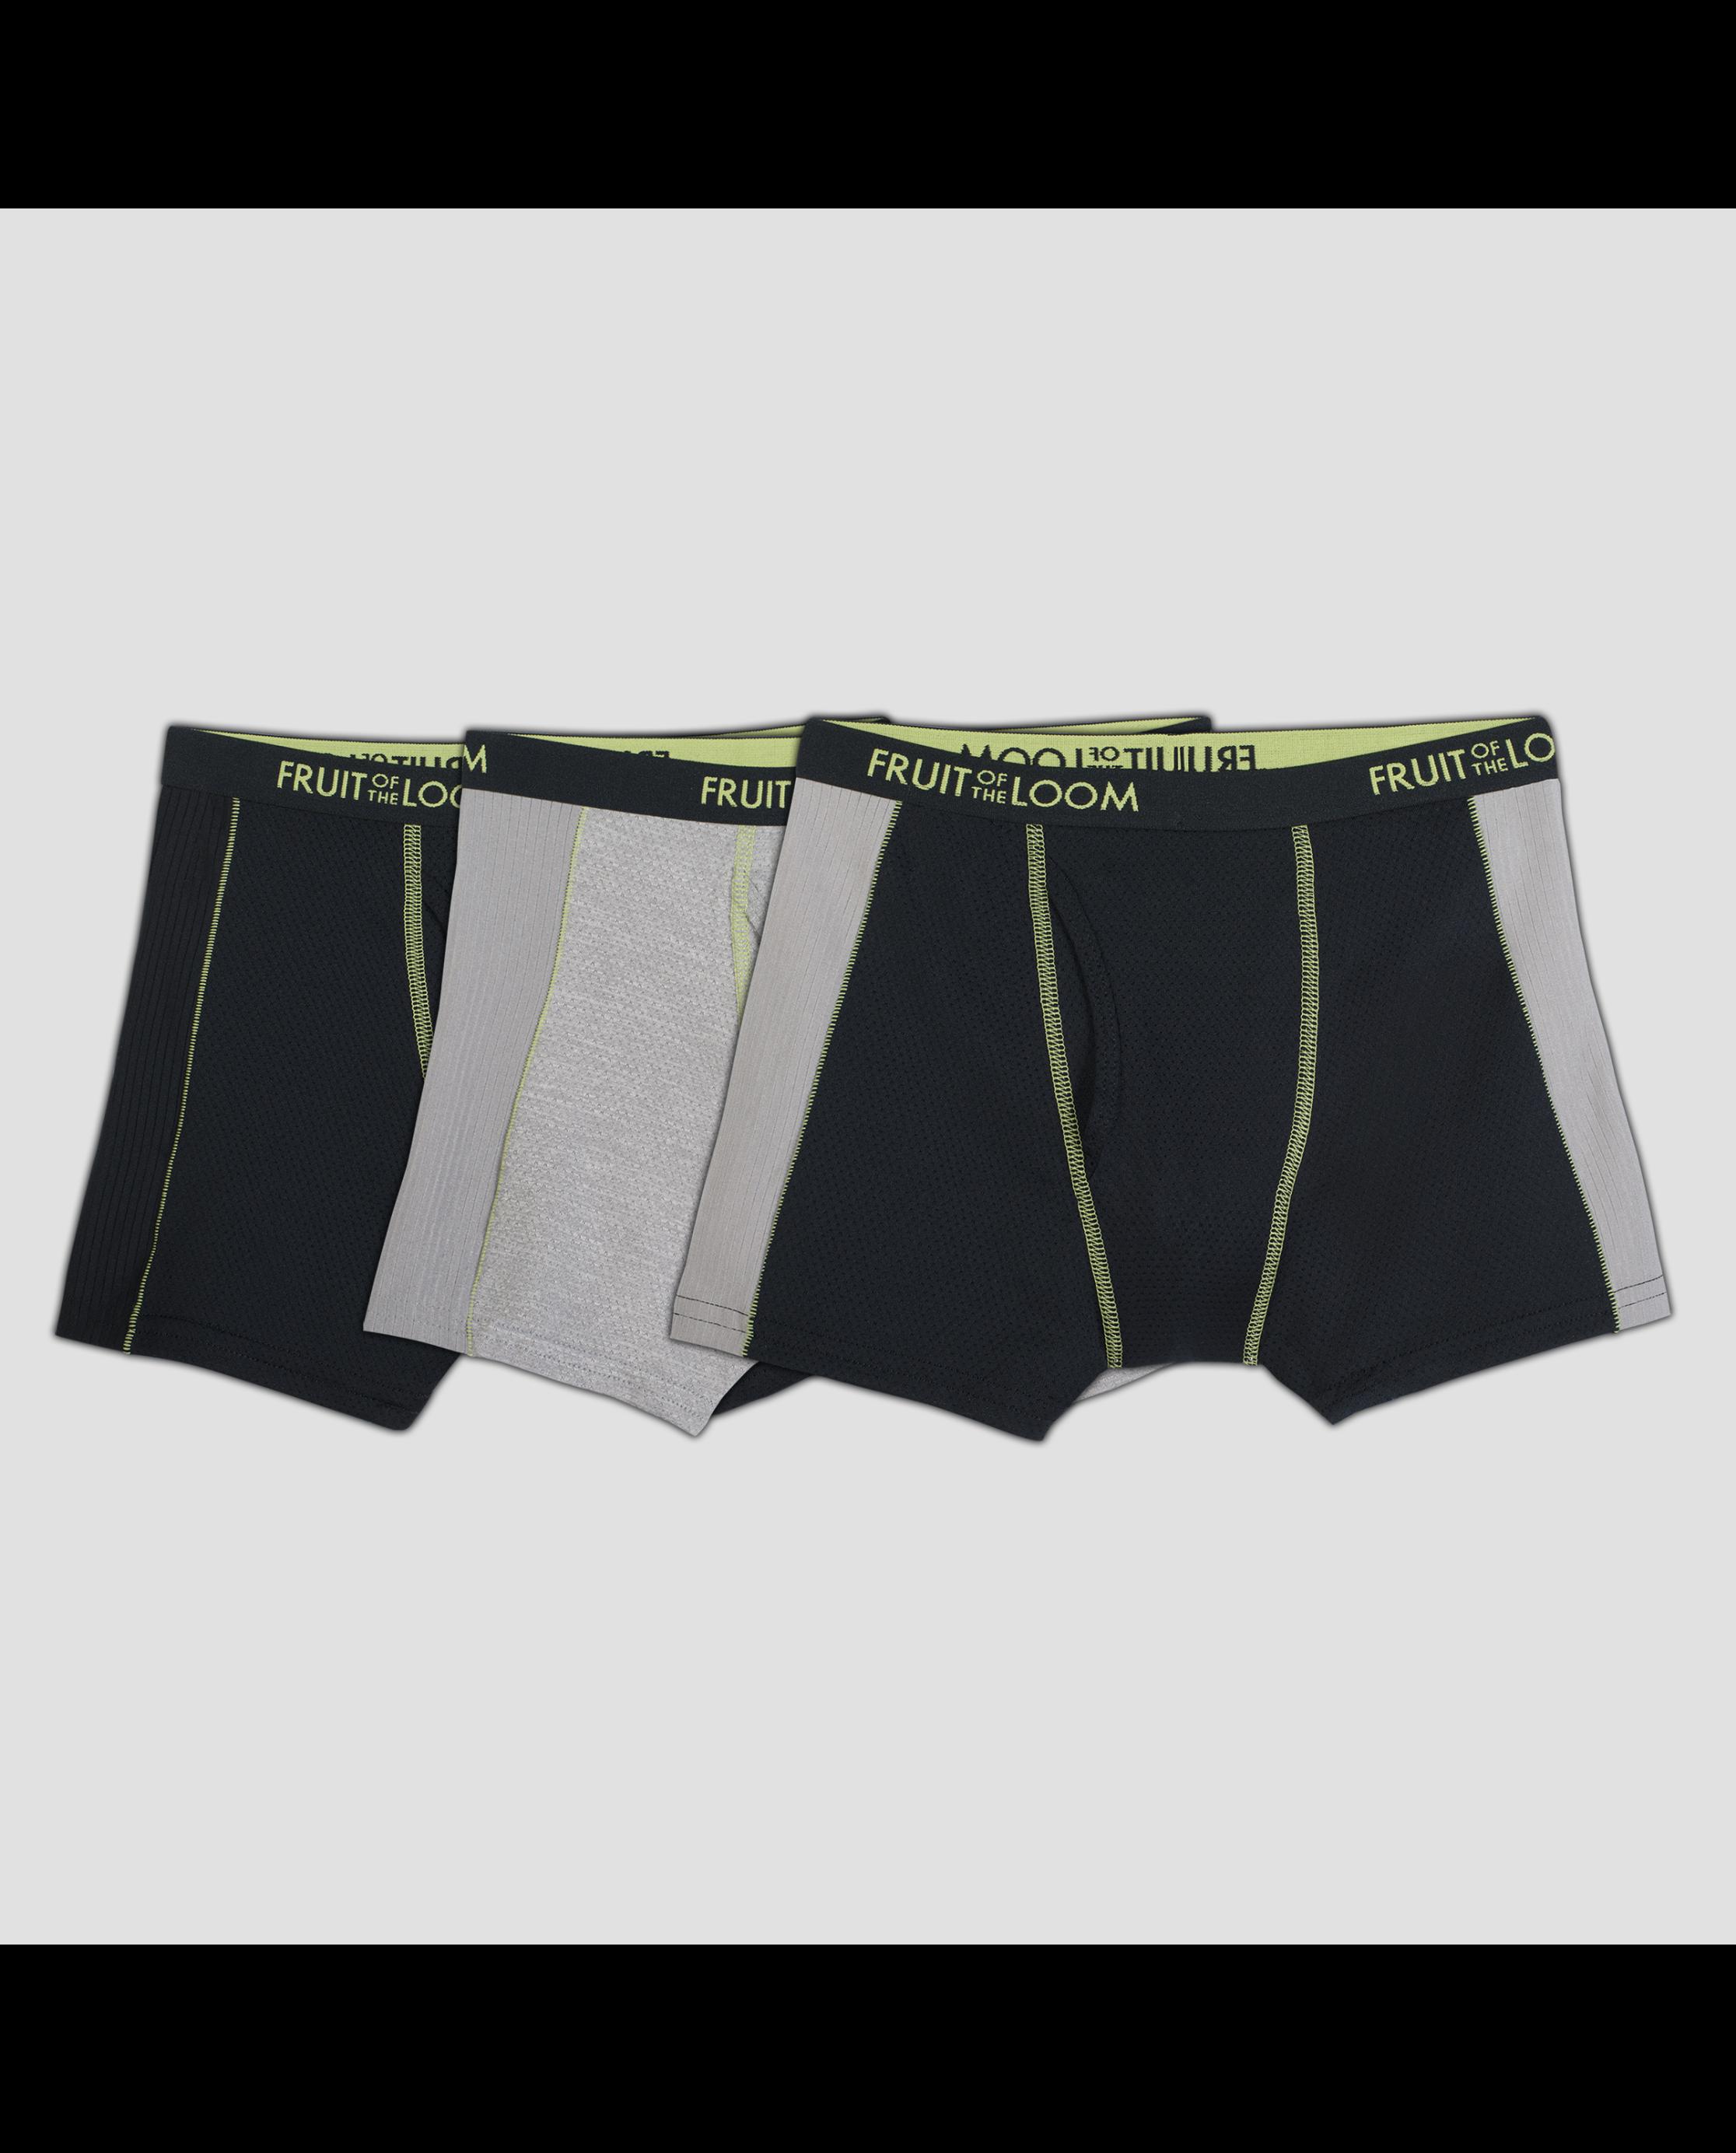 Straight boys in underwear